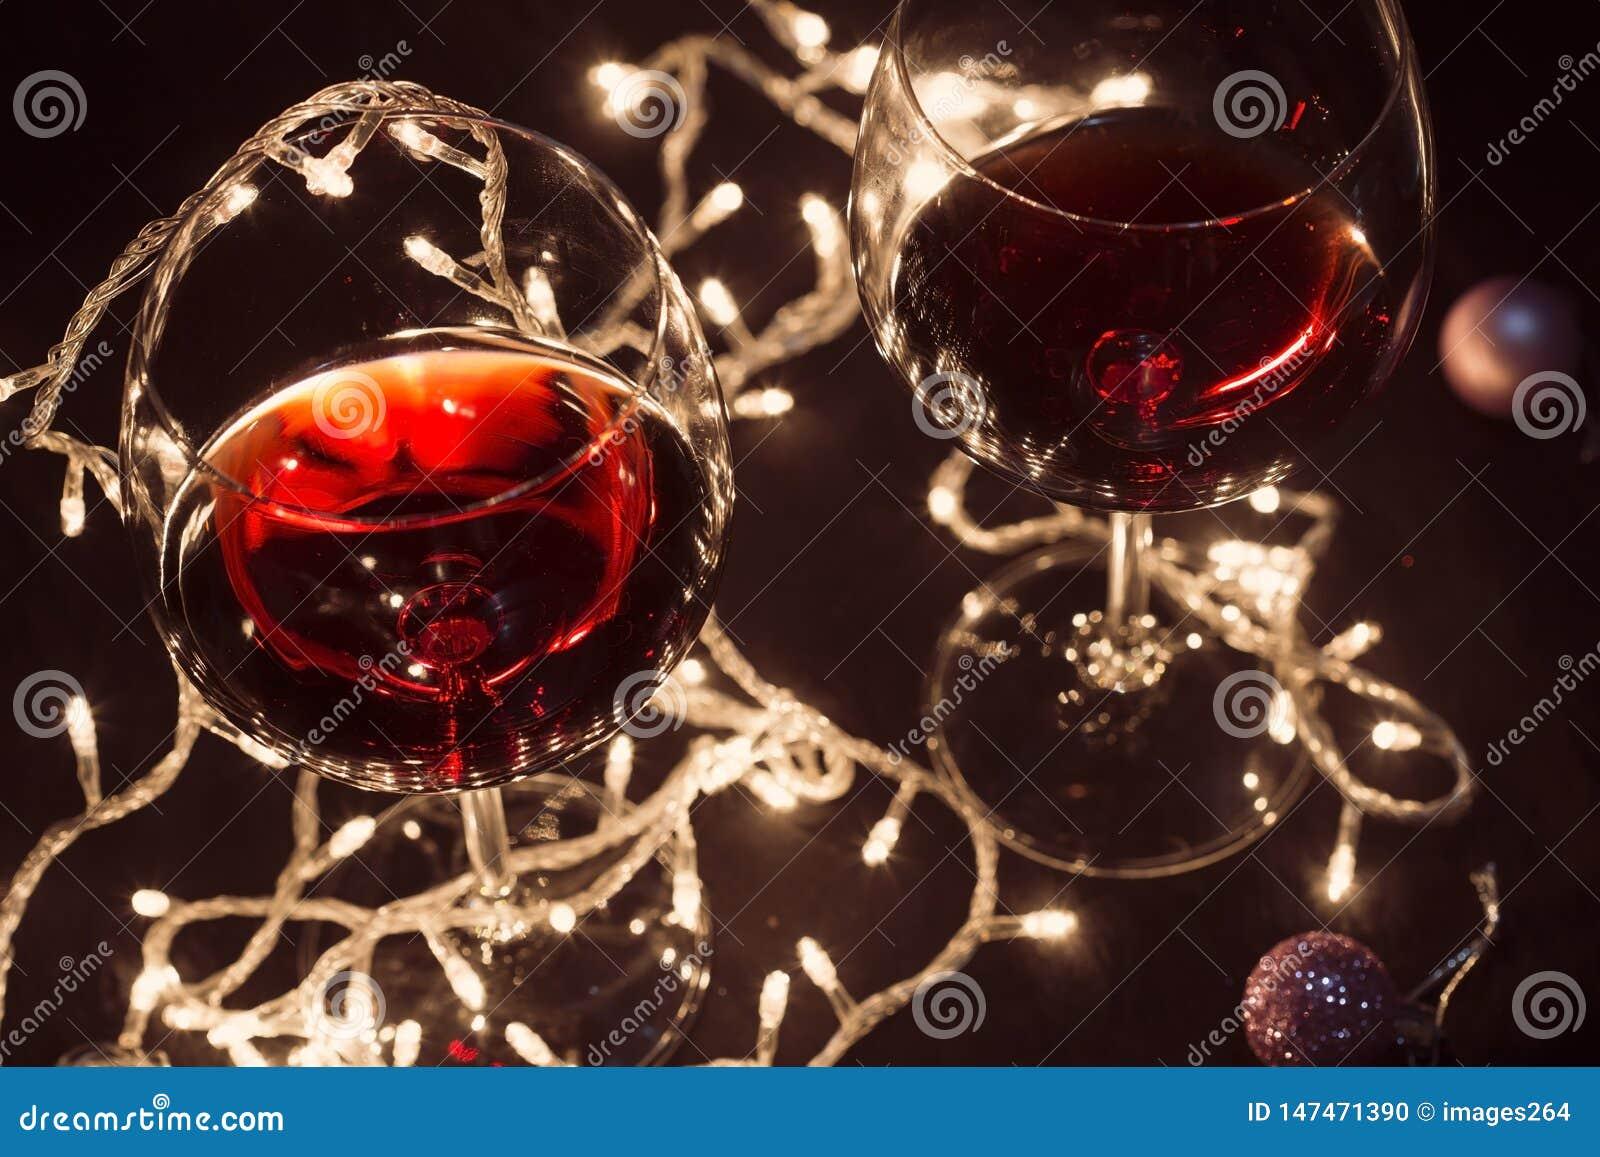 Copas de vino rojas